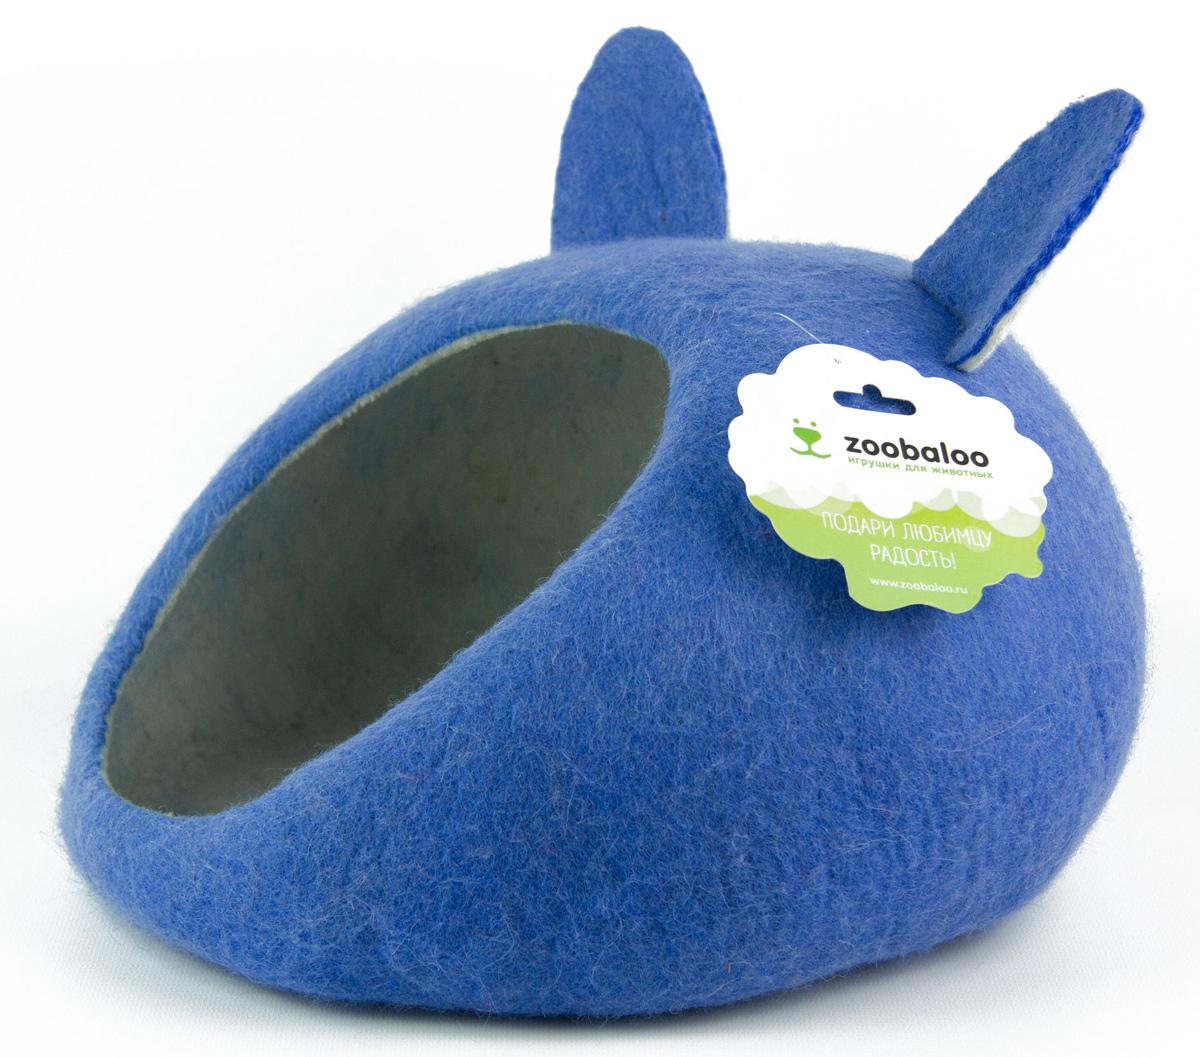 Домик-слипер для животных Zoobaloo WoolPetHouse, с ушками, цвет: синий, размер S809Домик-слипер Zoobaloo WoolPetHouse предназначен для отдыха и сна питомца. Домик изготовлен из 100% шерсти мериноса. Учтены все особенности животного сна: форма, цвет, материал этого домика - все подобрано как нельзя лучше! В нем ваш любимец будет видеть только цветные сны. Шерсть мериноса обеспечит превосходный микроклимат внутри домика, а его форма позволит питомцу засыпать в самой естественной позе.